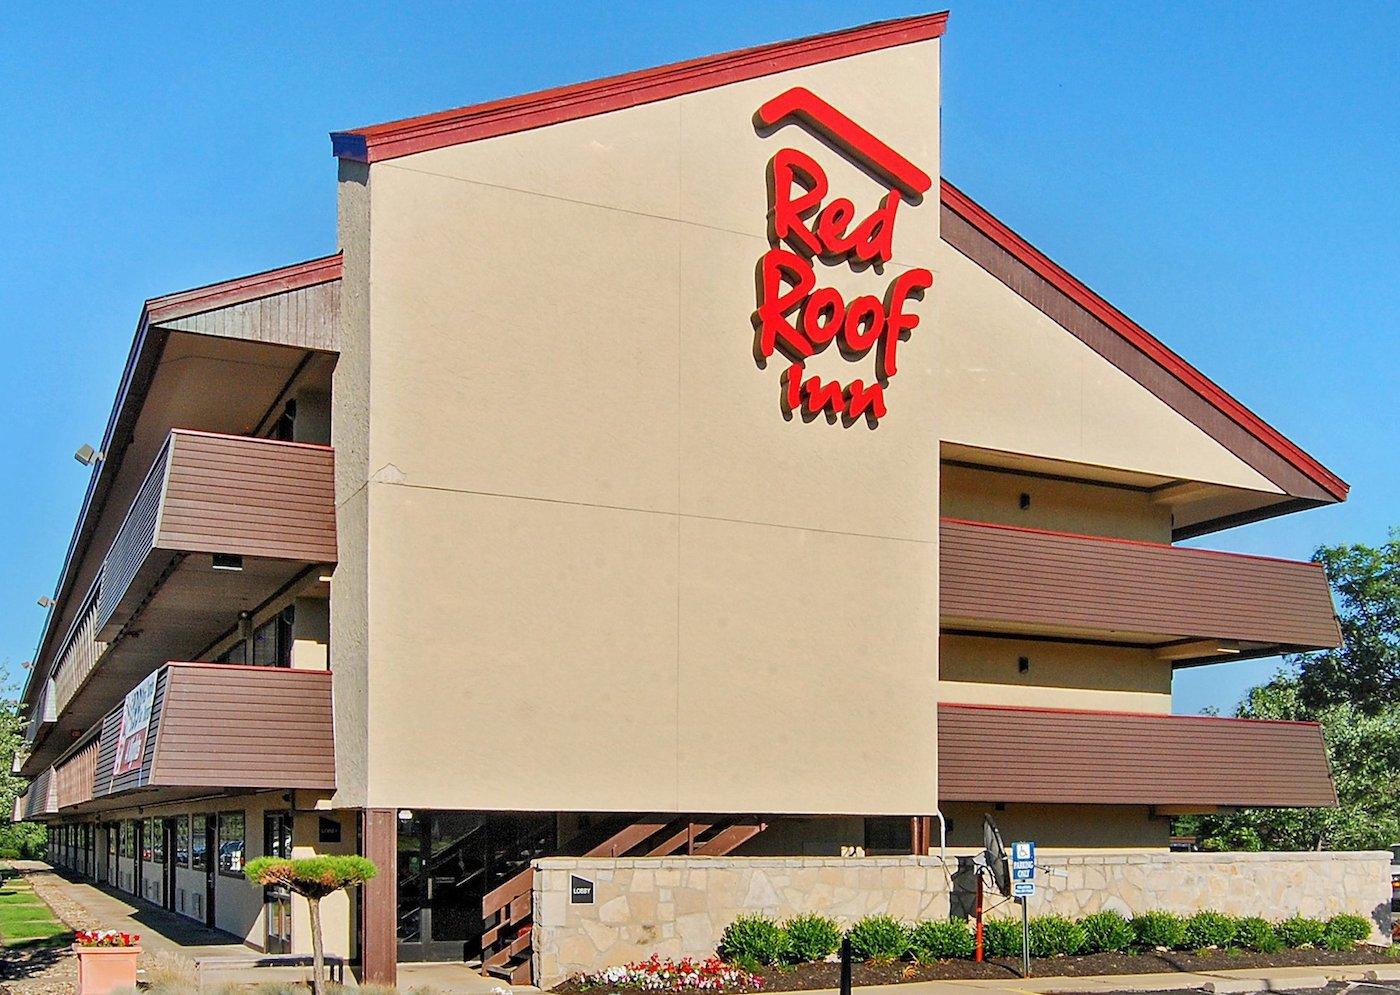 red roof inn toledo university toledo oh jobs hospitality online 533299 l